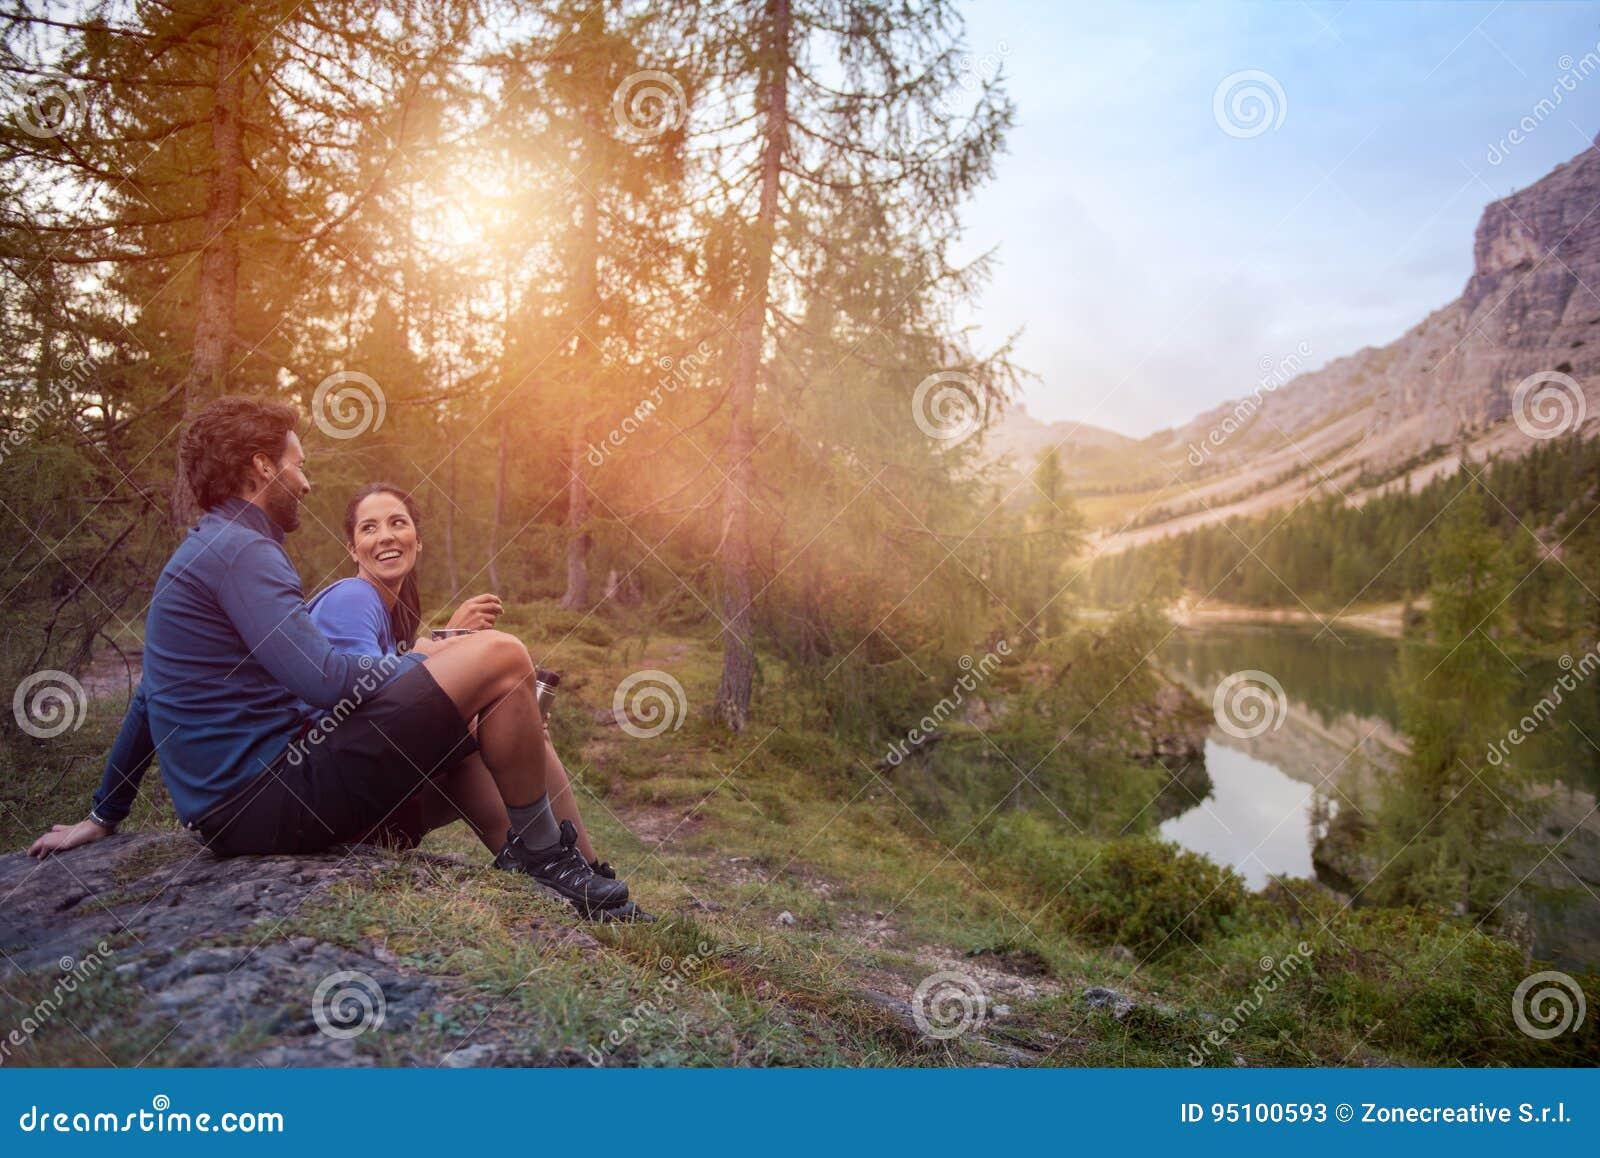 微笑的愉快的男人和妇女夫妇享受湖与太阳火光光的全景视图 小组朋友人夏天